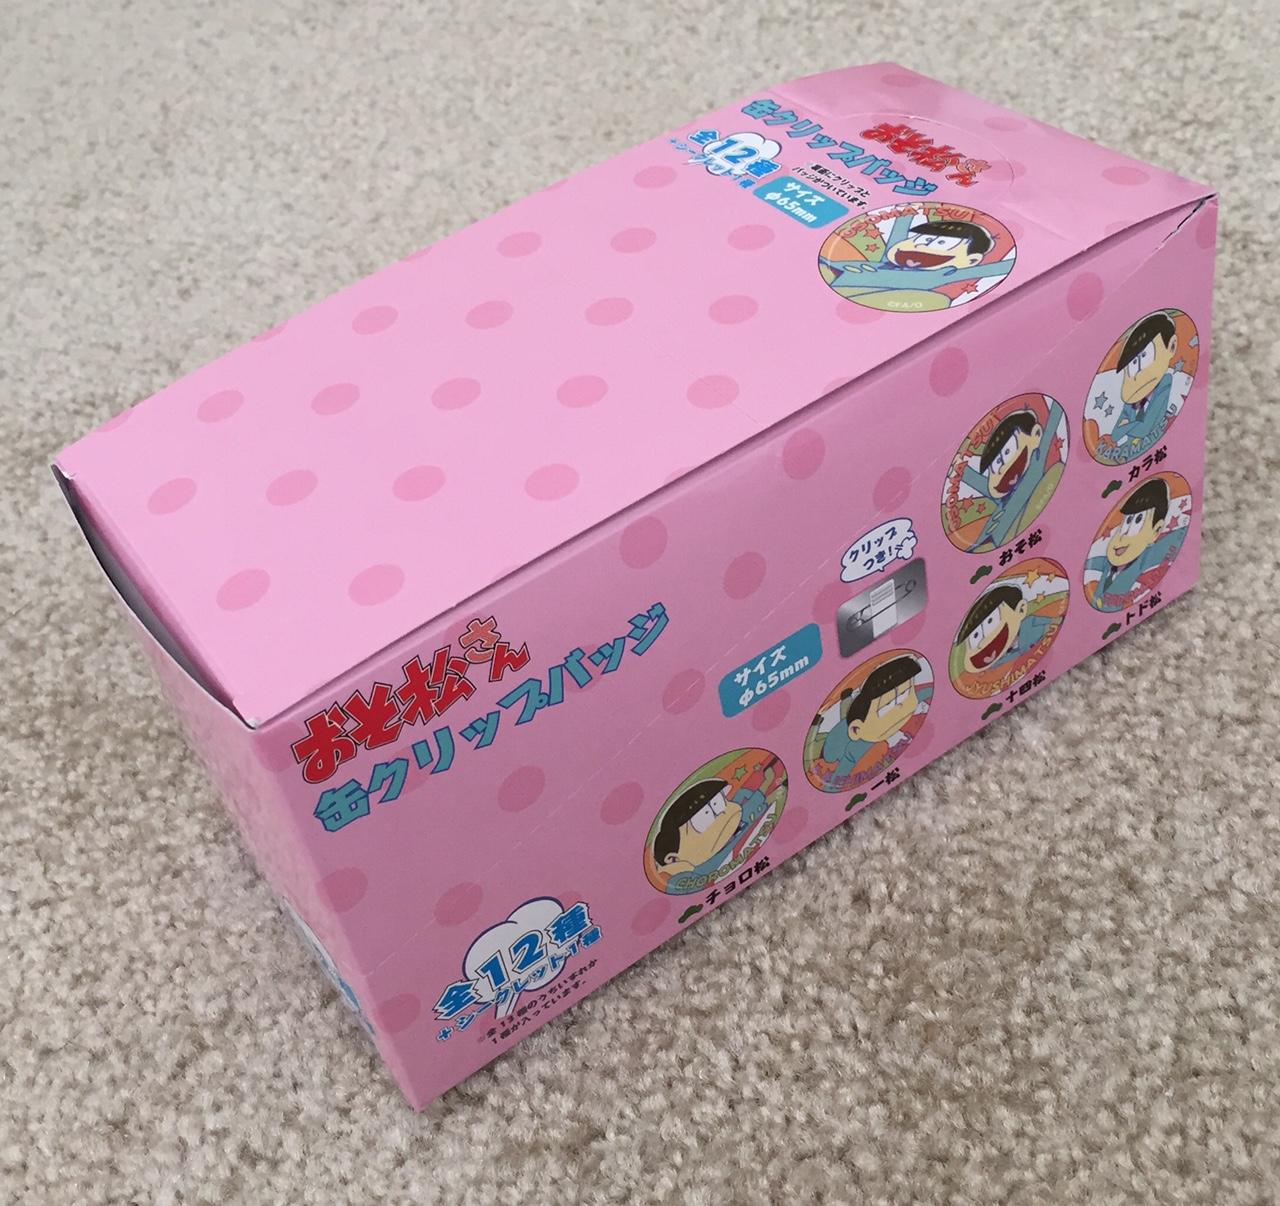 badge clip twinkle osomatsu-san matsuno_todomatsu matsuno_ichimatsu matsuno_karamatsu matsuno_osomatsu matsuno_choromatsu akatsuka_fujio osomatsu-san_can_badge_clip matsuno_jyushimatsu